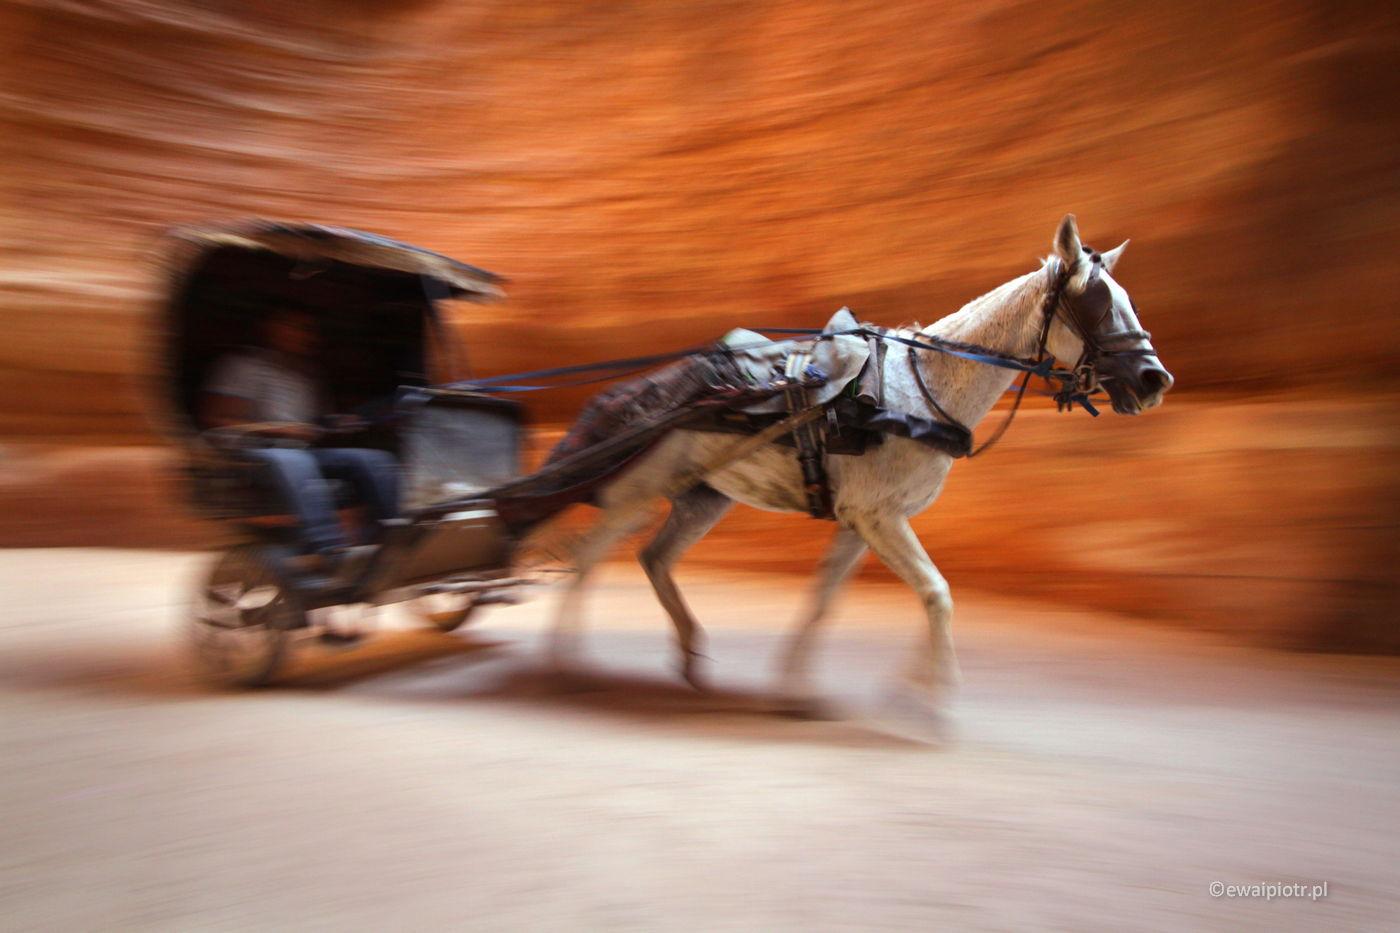 Dorożka w drodze do Petry, Jordania, panoramowanie, panning, warsztaty fotograficzne